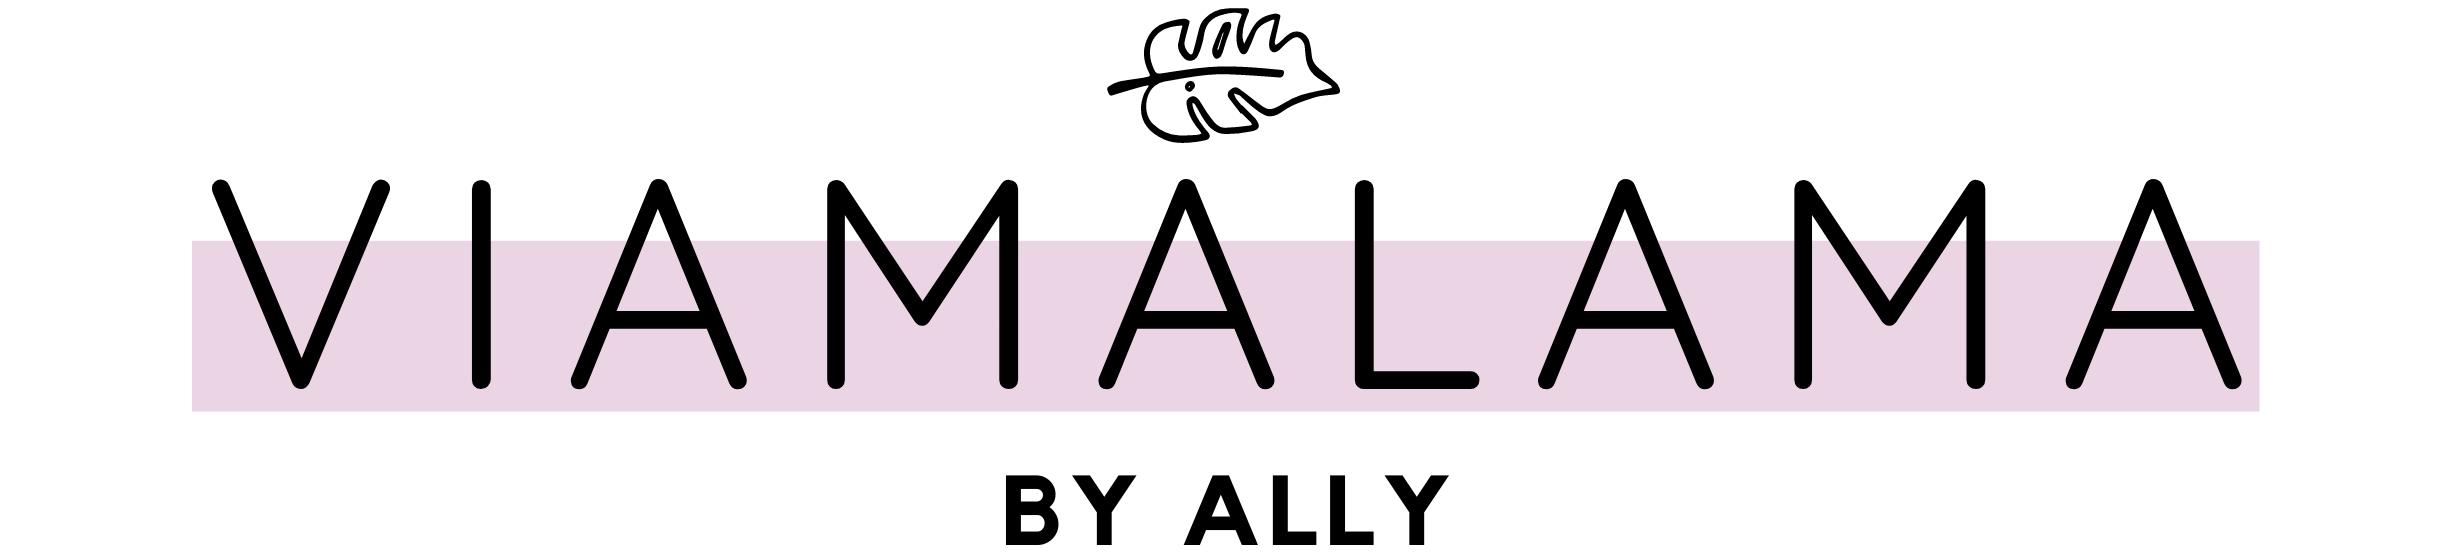 Viamalama by Ally